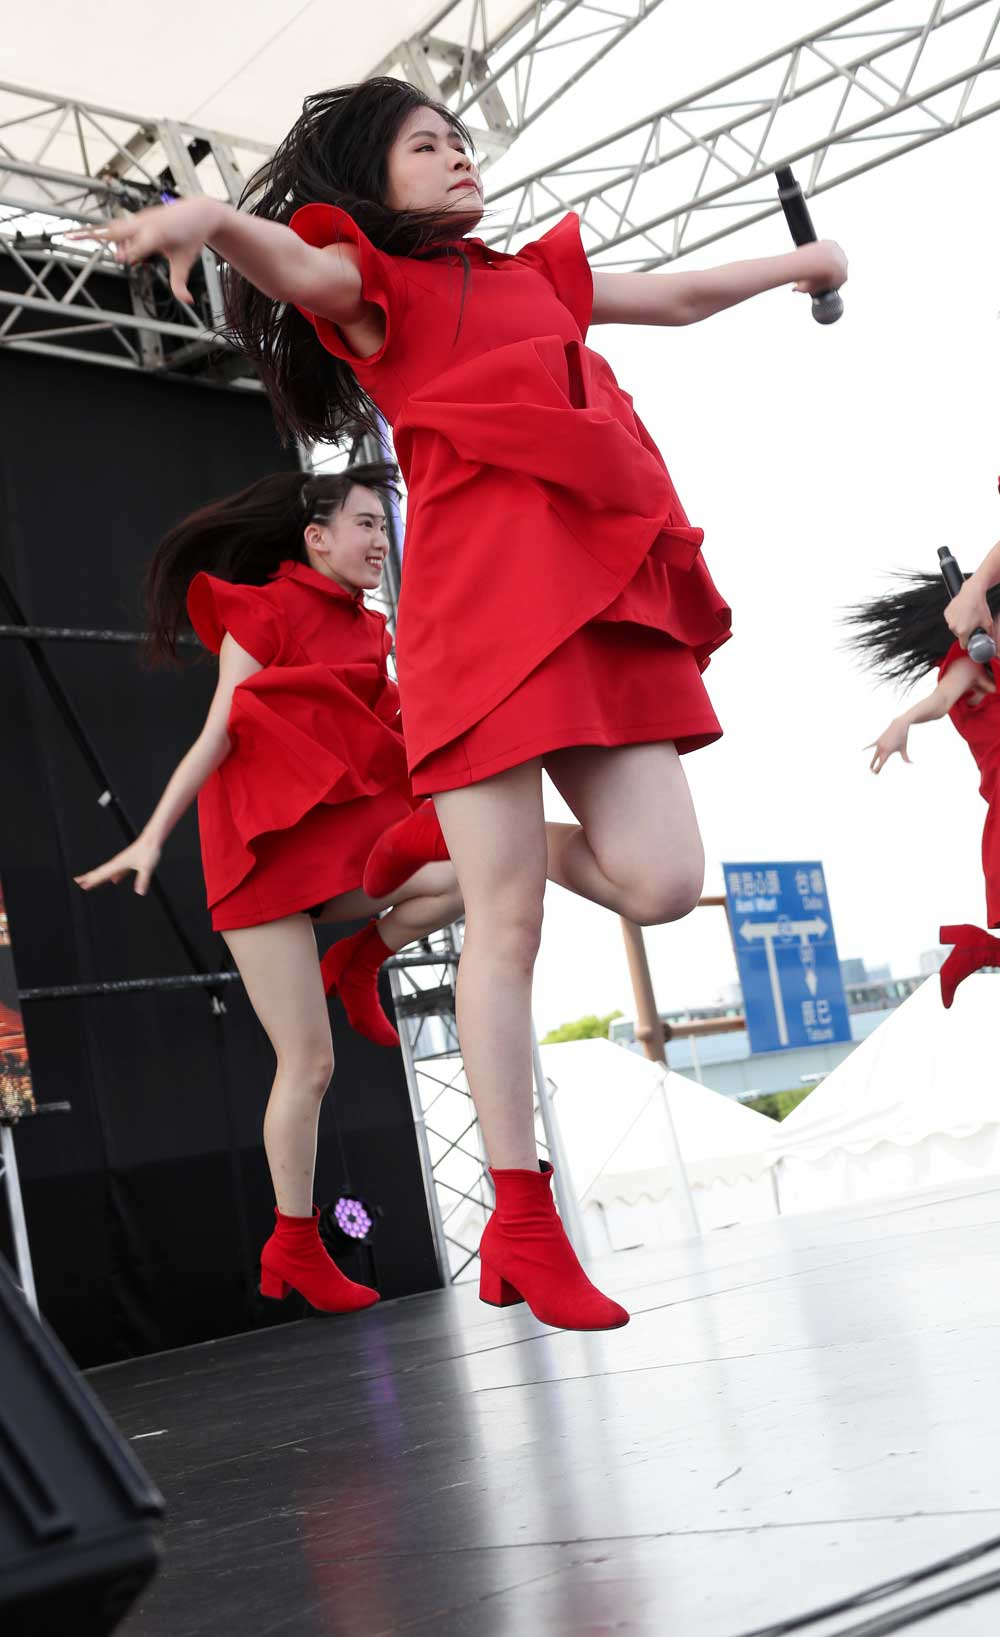 Images : 11番目の画像 - 「九州女子翼/お台場に響き渡る咆哮。肉フェスステージで渾身のパフォーマンスを披露」のアルバム - Stereo Sound ONLINE